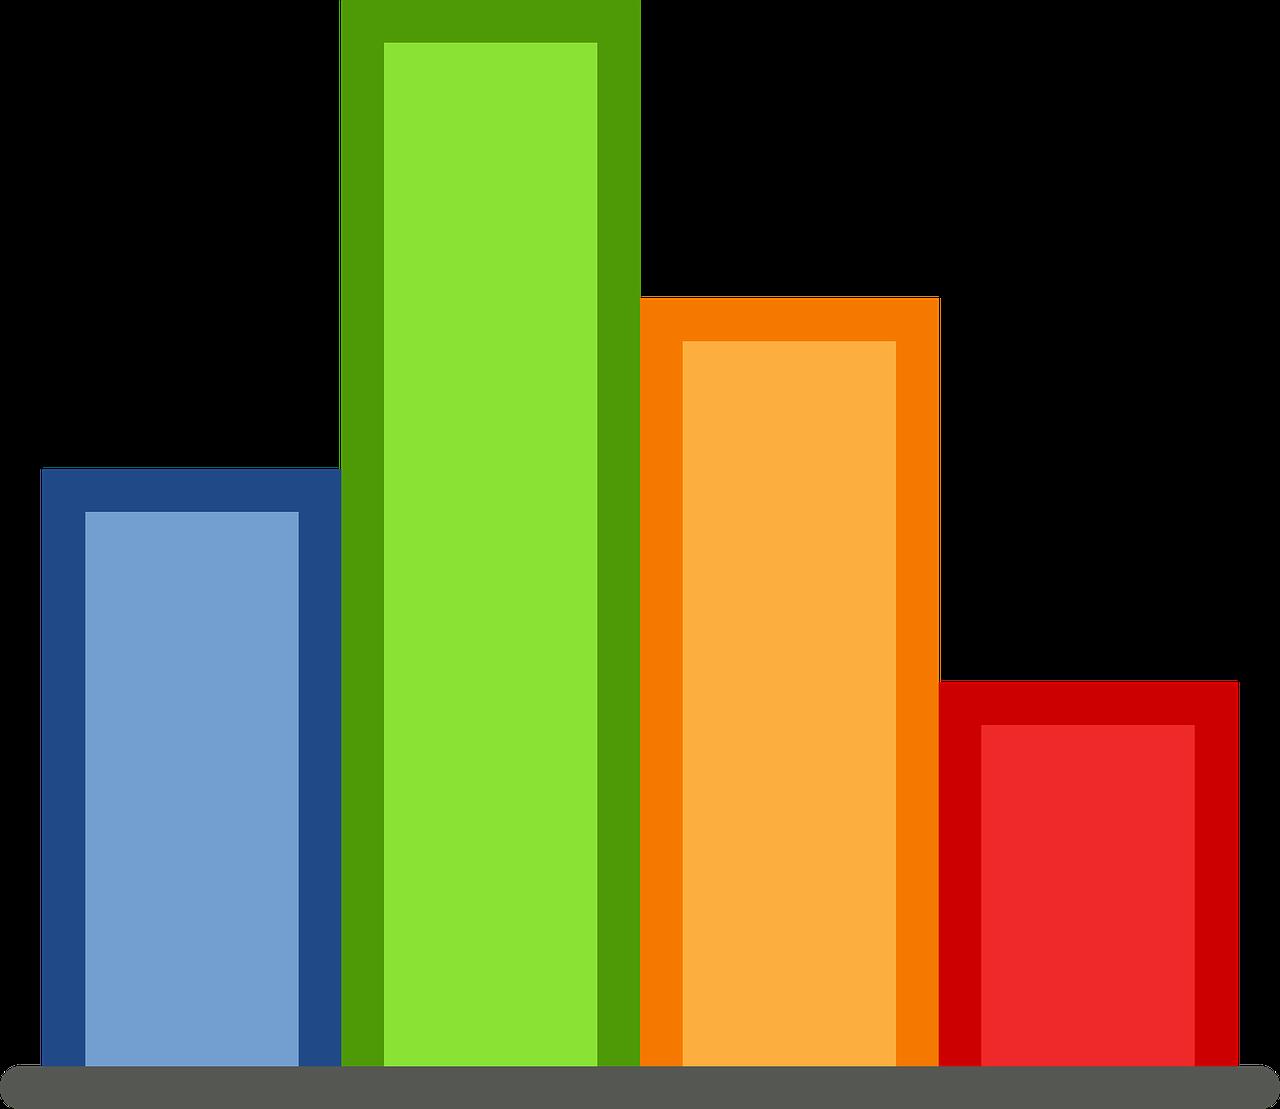 HMDA Statistics